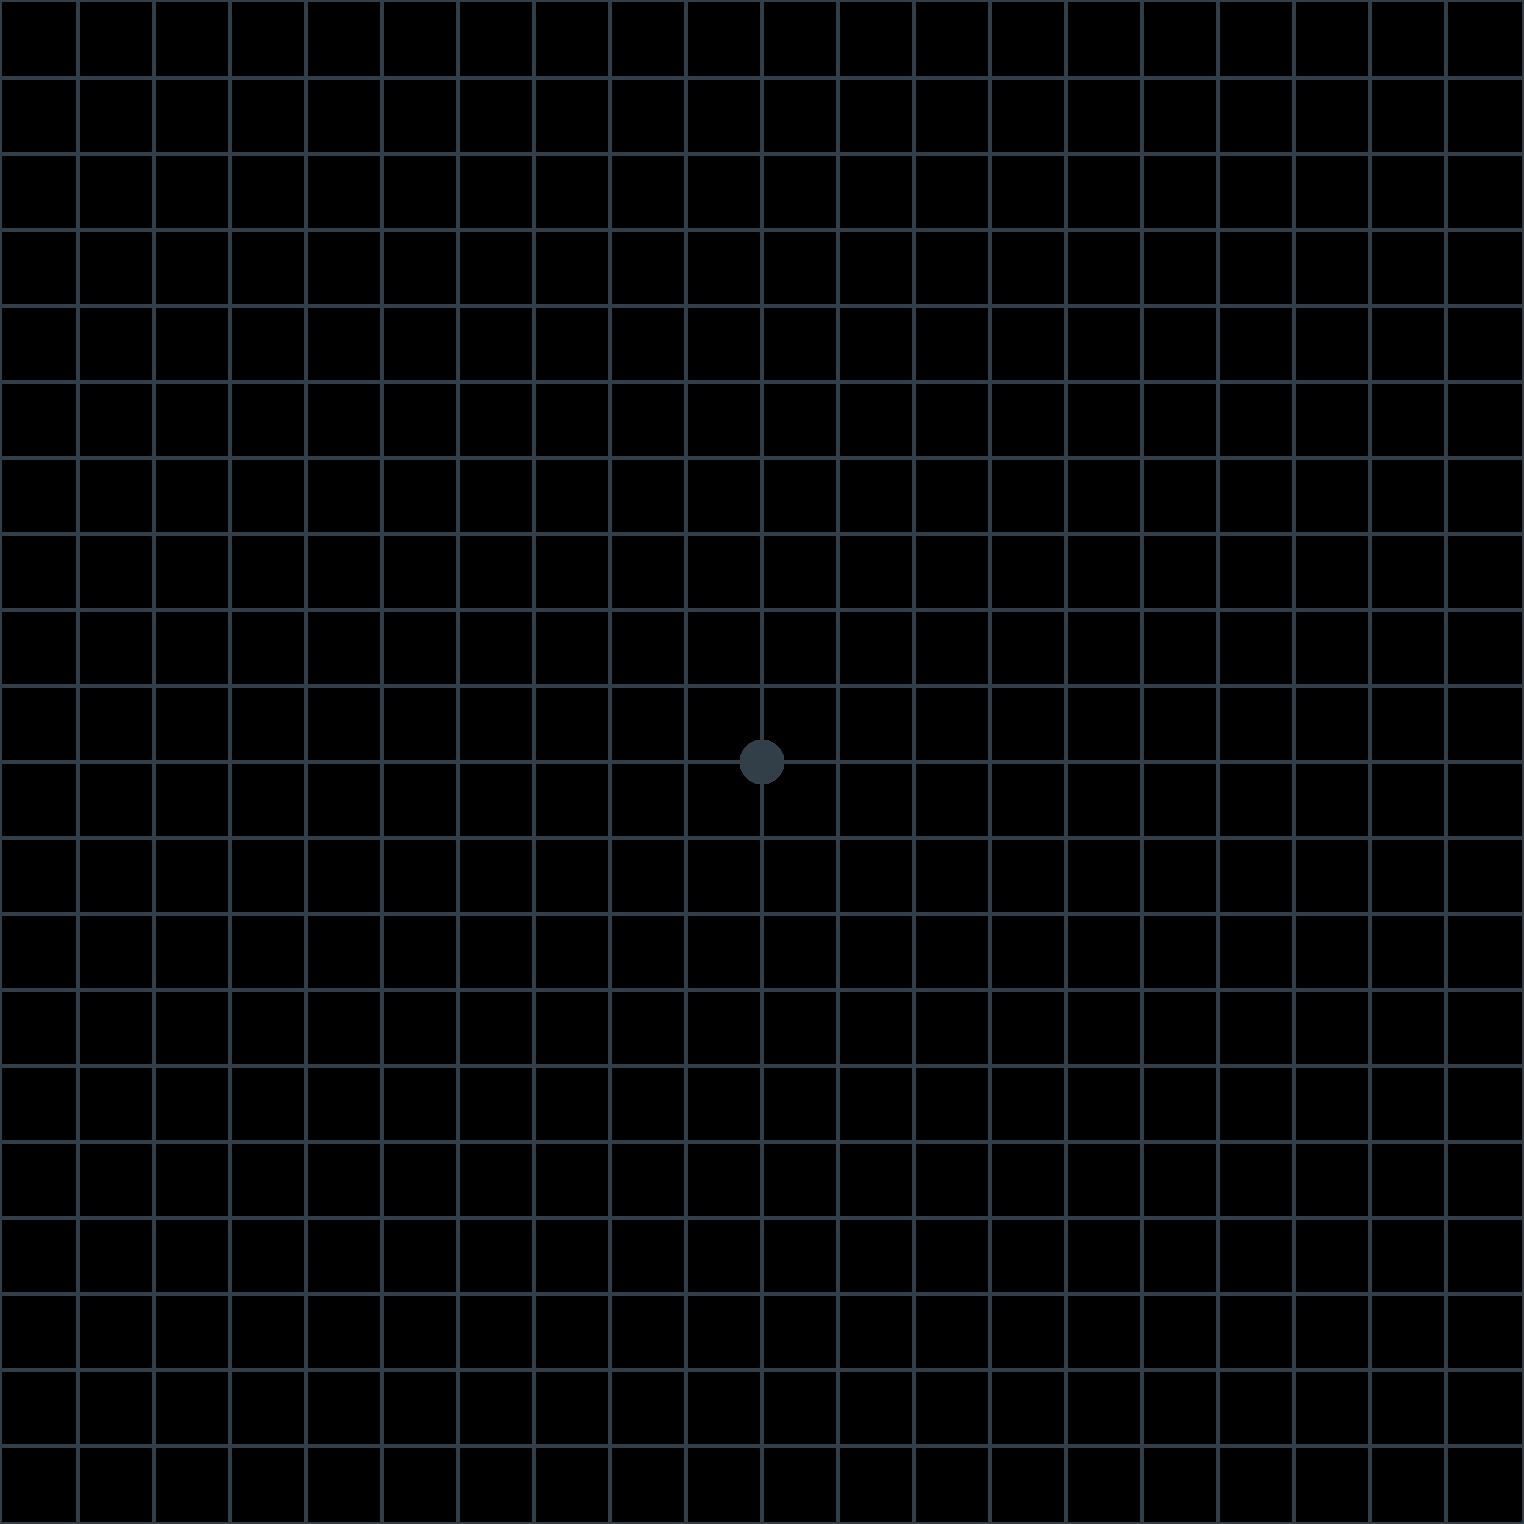 阿姆斯勒方格表